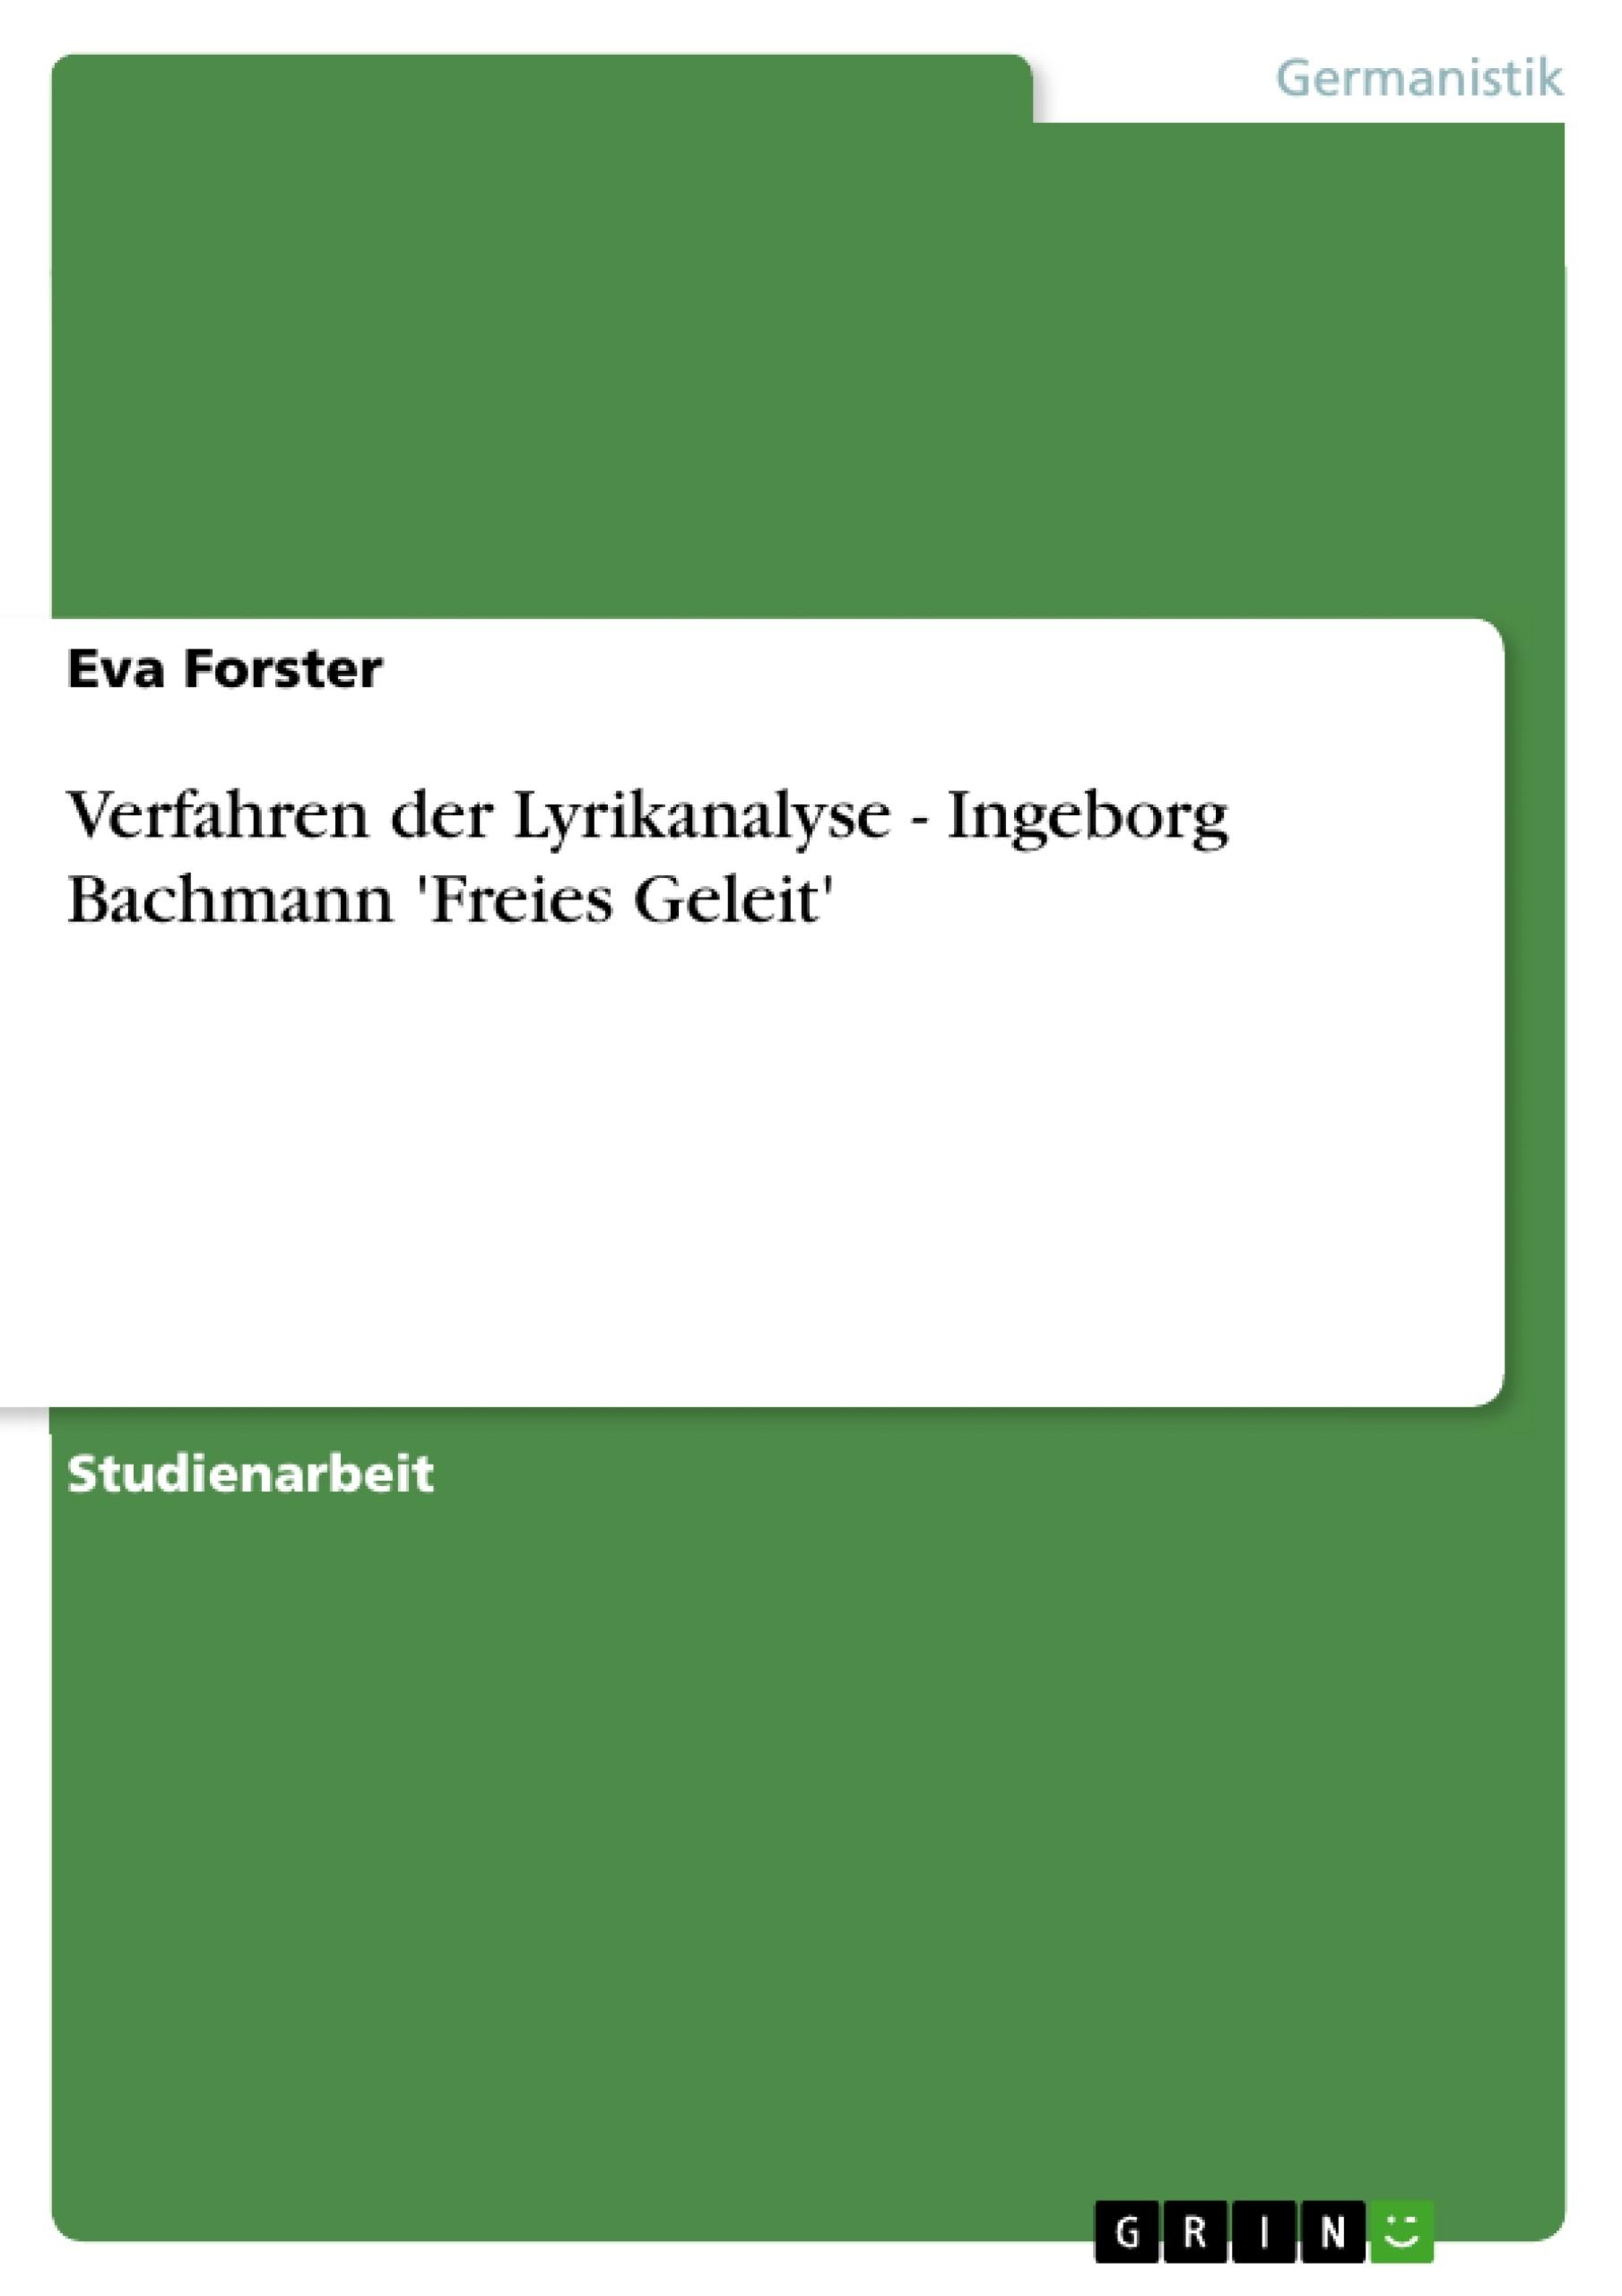 Titel: Verfahren der Lyrikanalyse - Ingeborg Bachmann 'Freies Geleit'